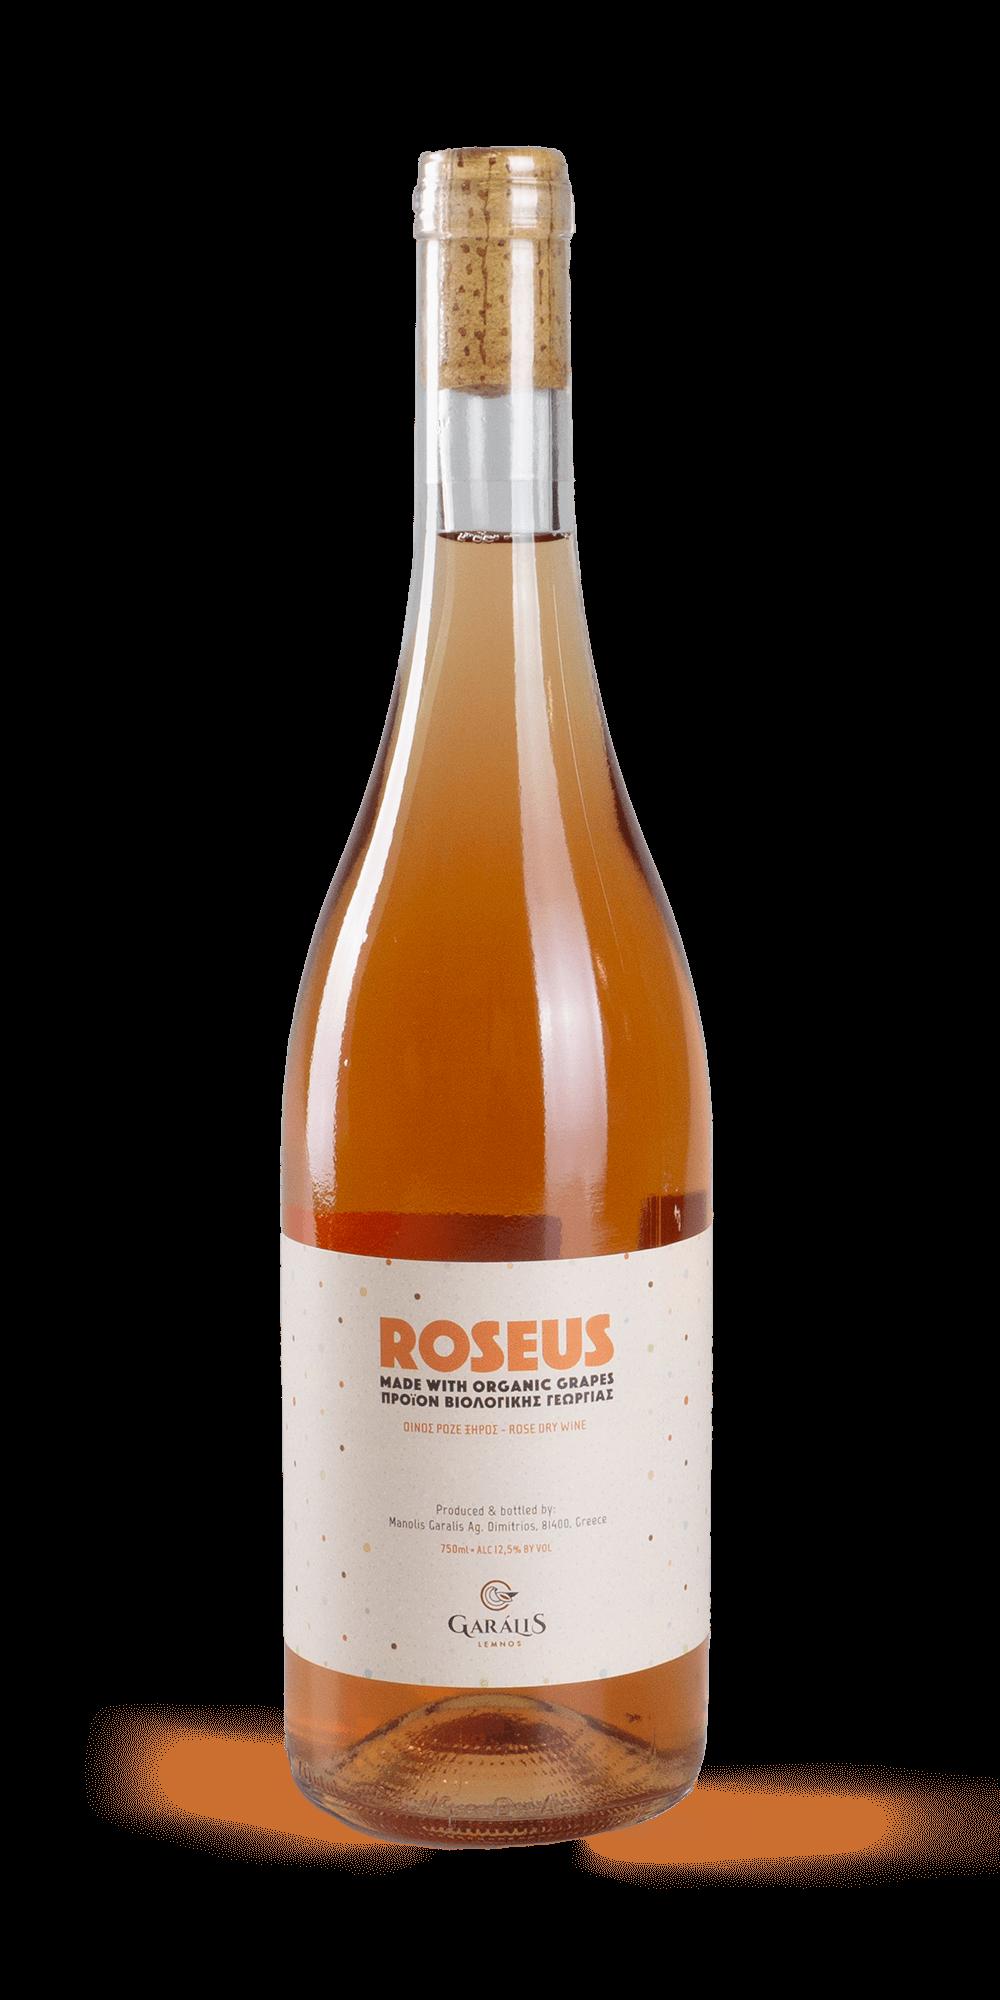 Roseus 2019